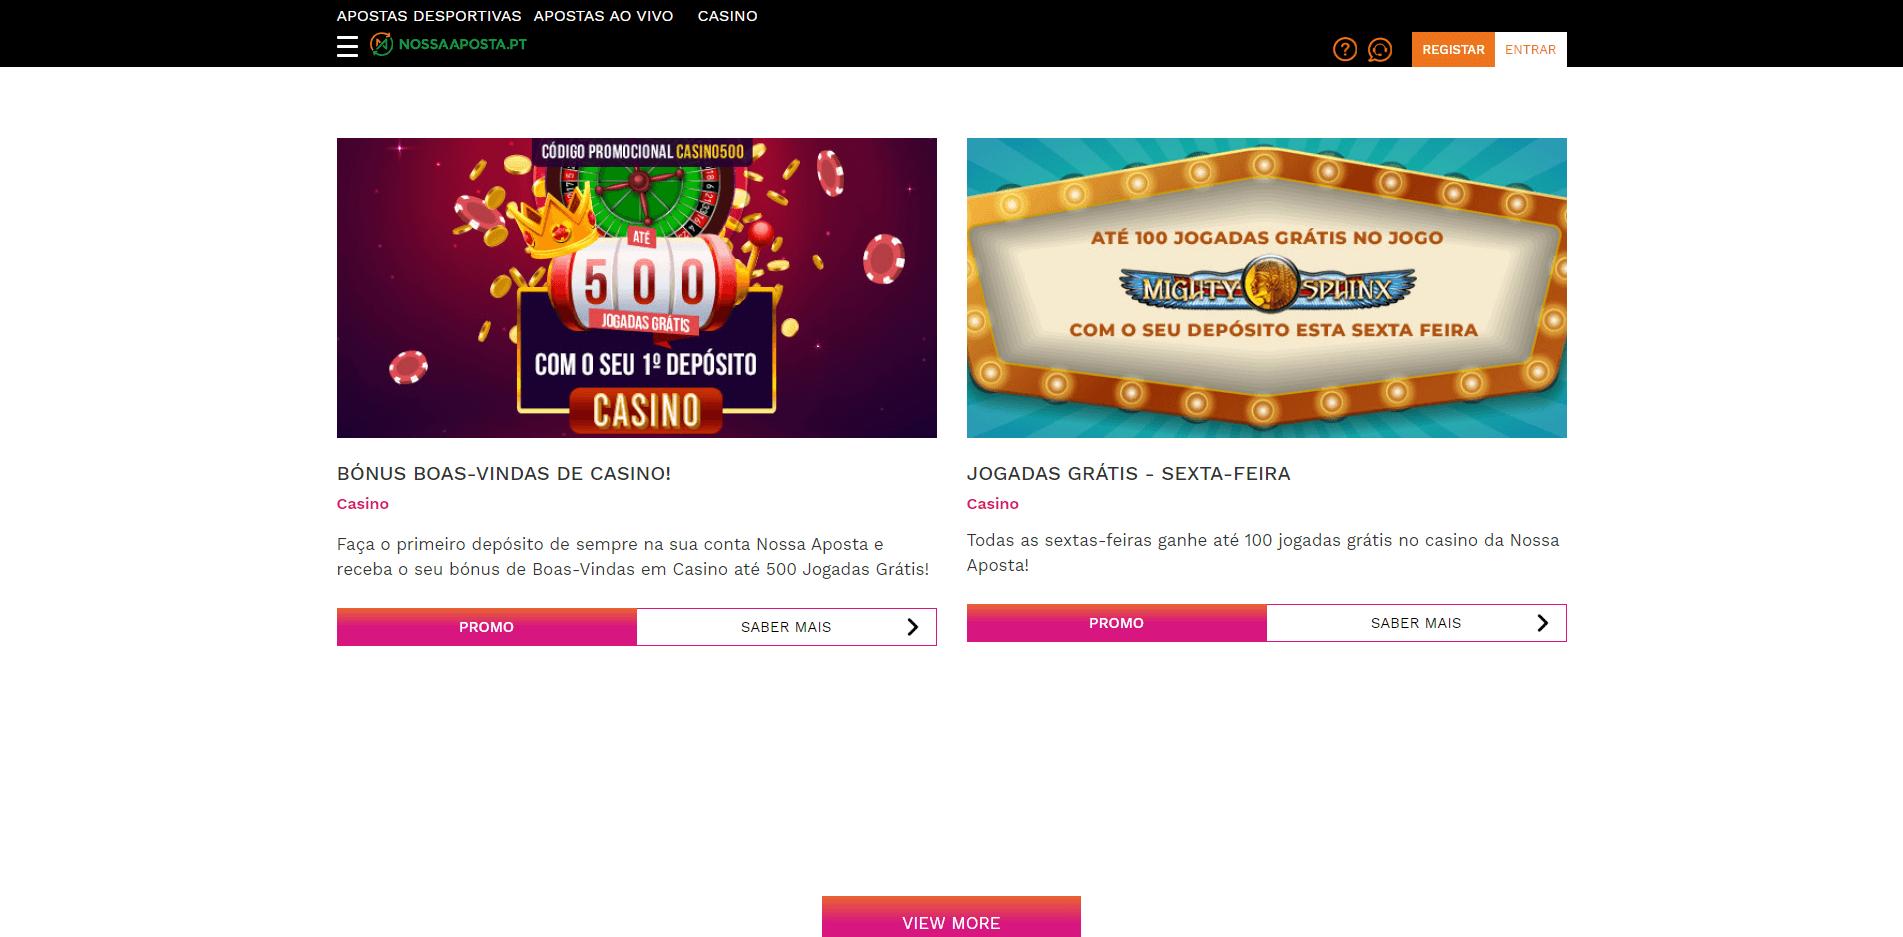 promoções semanais no casino